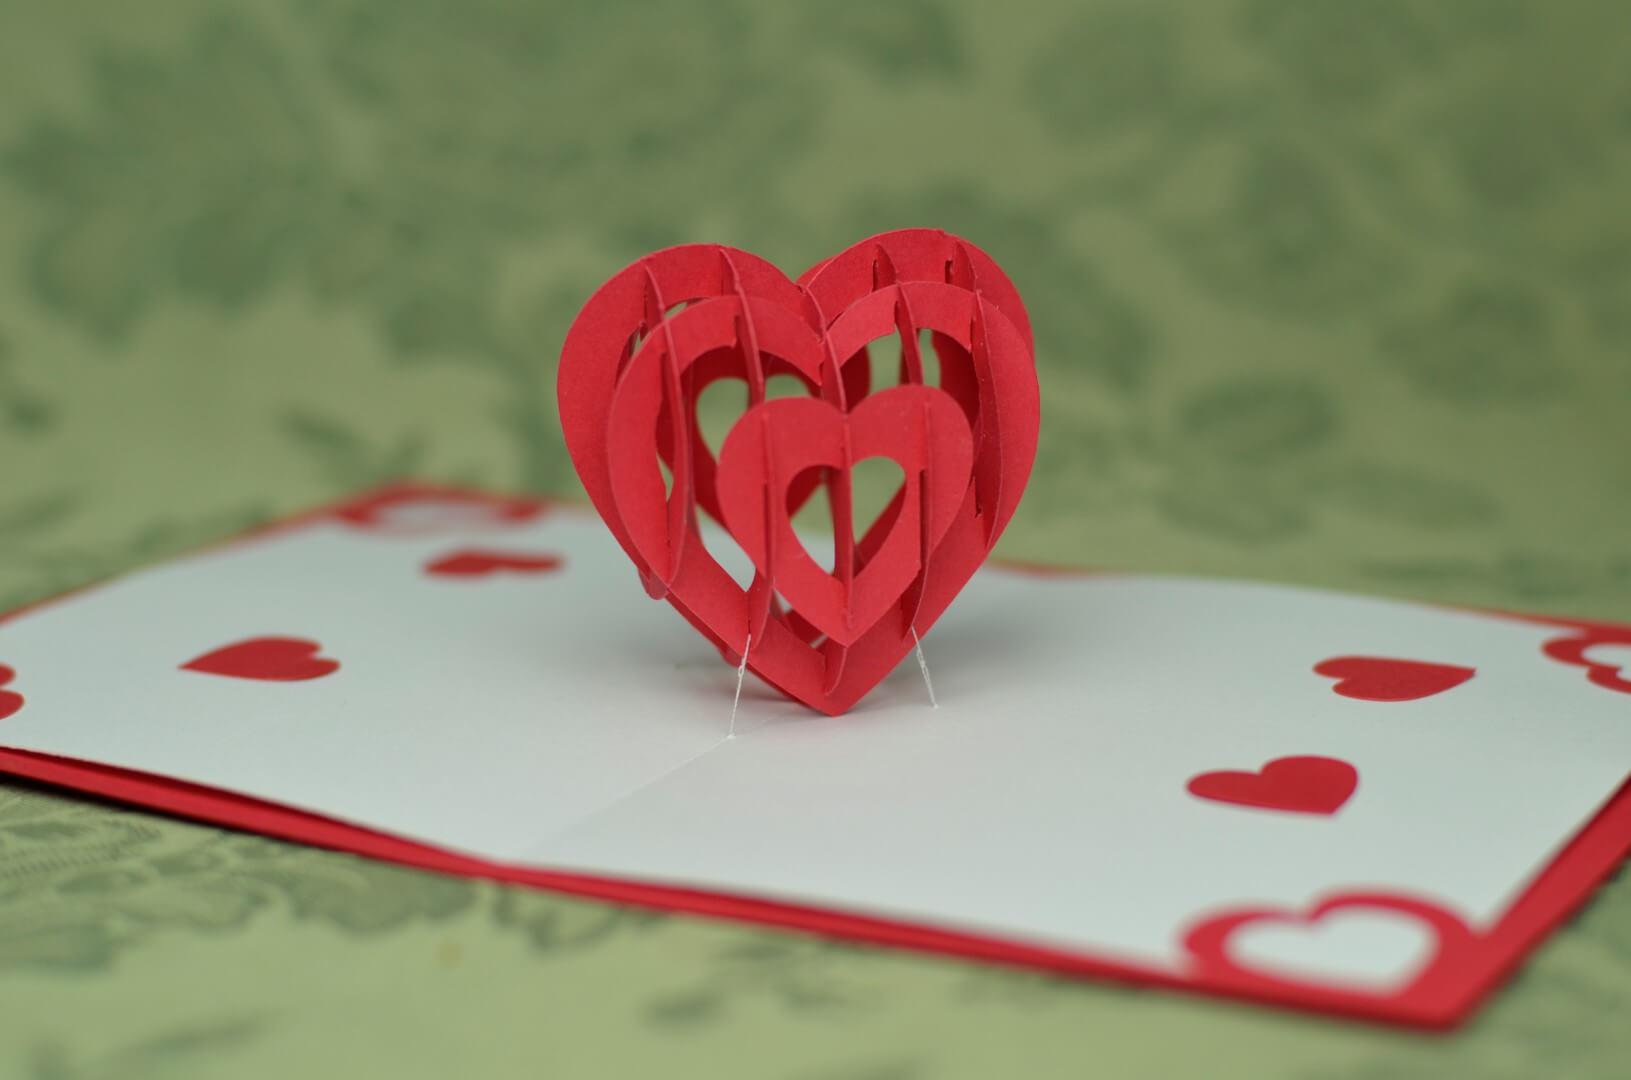 3D Heart Pop Up Card Template throughout Pop Out Heart Card Template